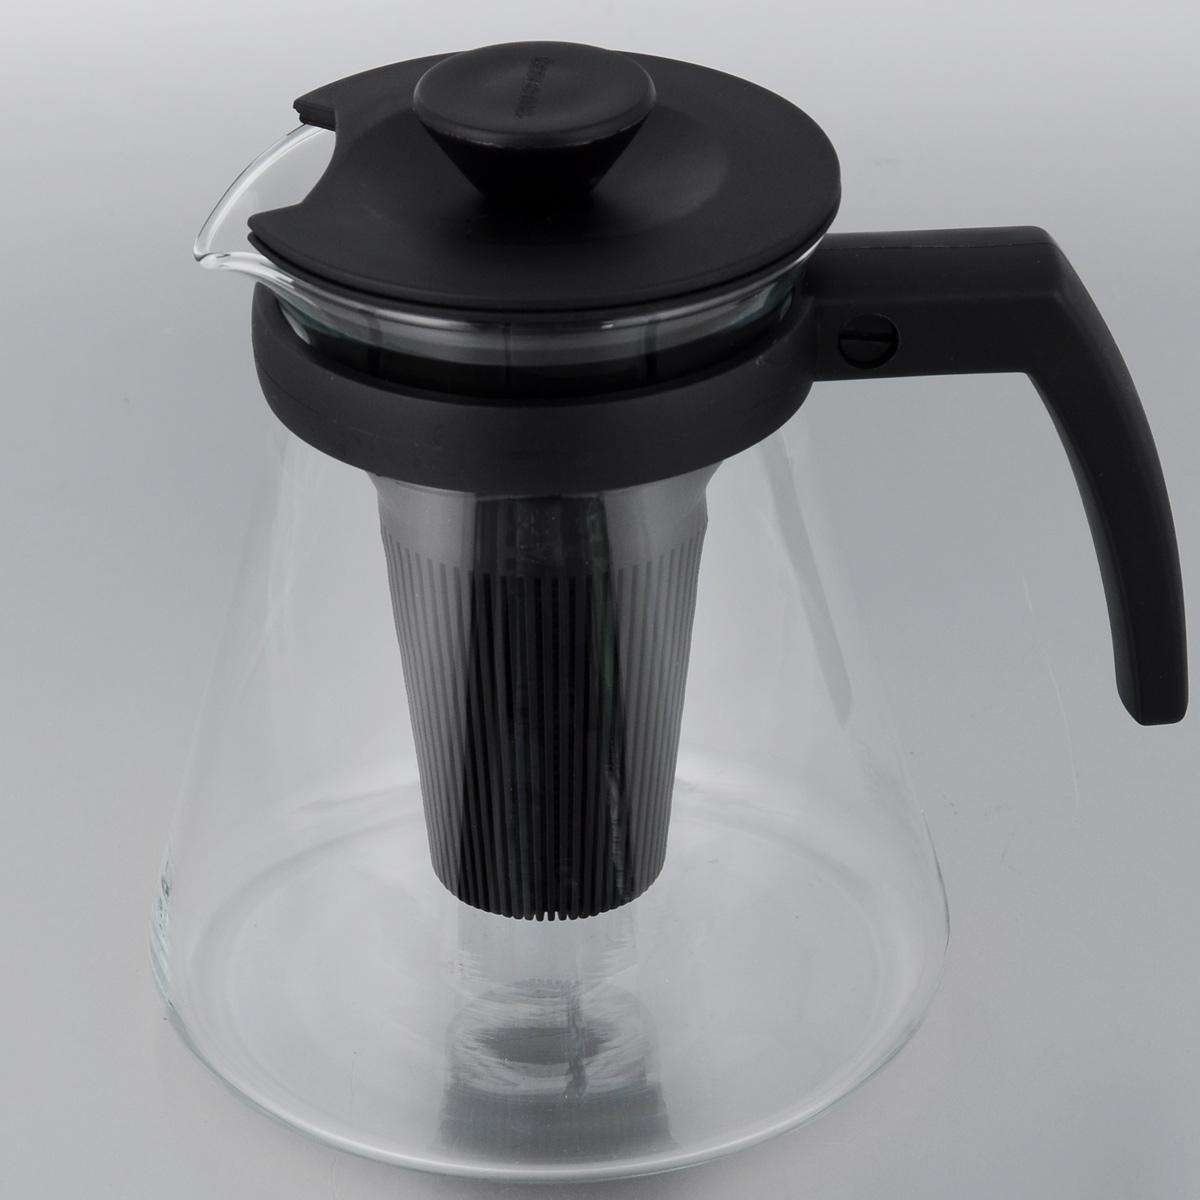 Чайник заварочный Tescoma Teo, с ситечками, цвет: прозрачный, черный, 1,25 л646622Заварочный чайник Tescoma Teo поможет приготовить вкусный и ароматный чай. Колба выполнена из термостойкого боросиликатного стекла, ручка и крышка из прочного пластика. Чайник снабжен съемными пластиковыми ситечками. Глубокое ситечко предназначено для заваривания свежей мяты, мелиссы, имбиря, сушеного шиповника. Очень густое ситечко для заваривания всех видов рассыпчатого чая. Можно использовать на газовых, электрических и стеклокерамических плитах, а также в микроволновых печах. Не рекомендуется мыть в посудомоечной машине. Диаметр (по верхнему краю): 10 см. Высота чайника (без учета крышки): 16 см. Рекомендуем!